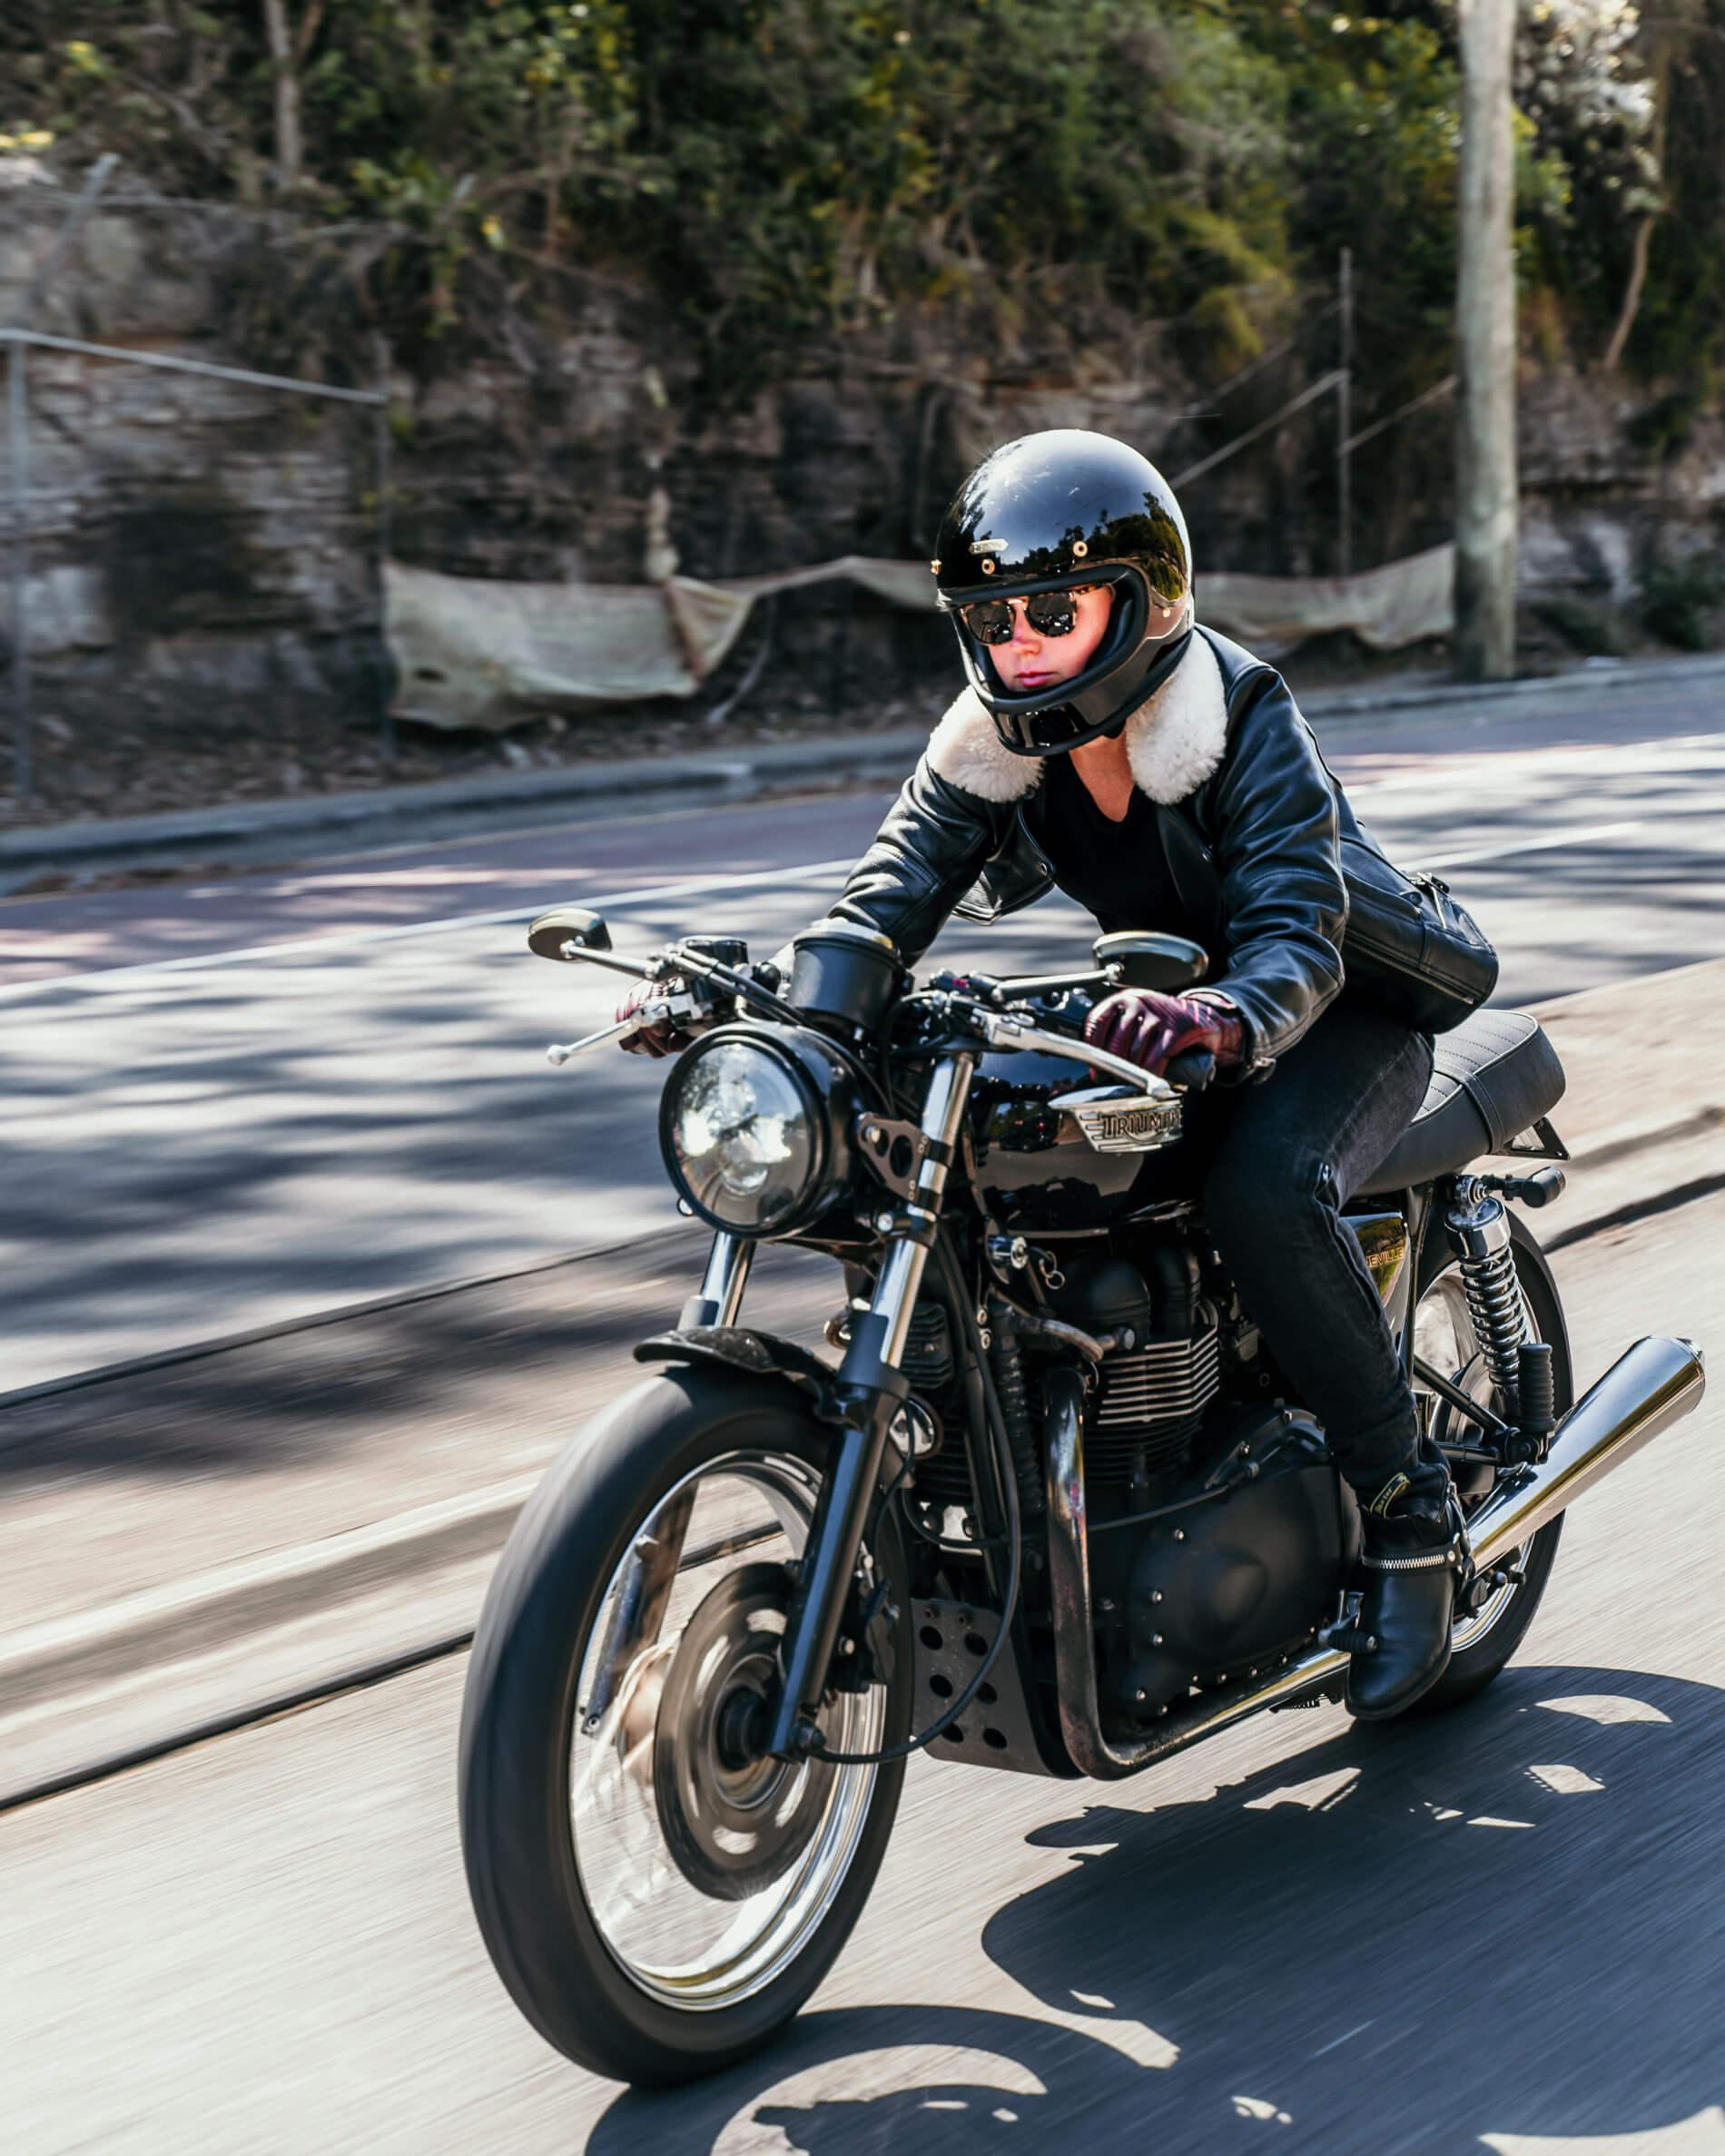 blackbird moto wear fly by night jacket on the road